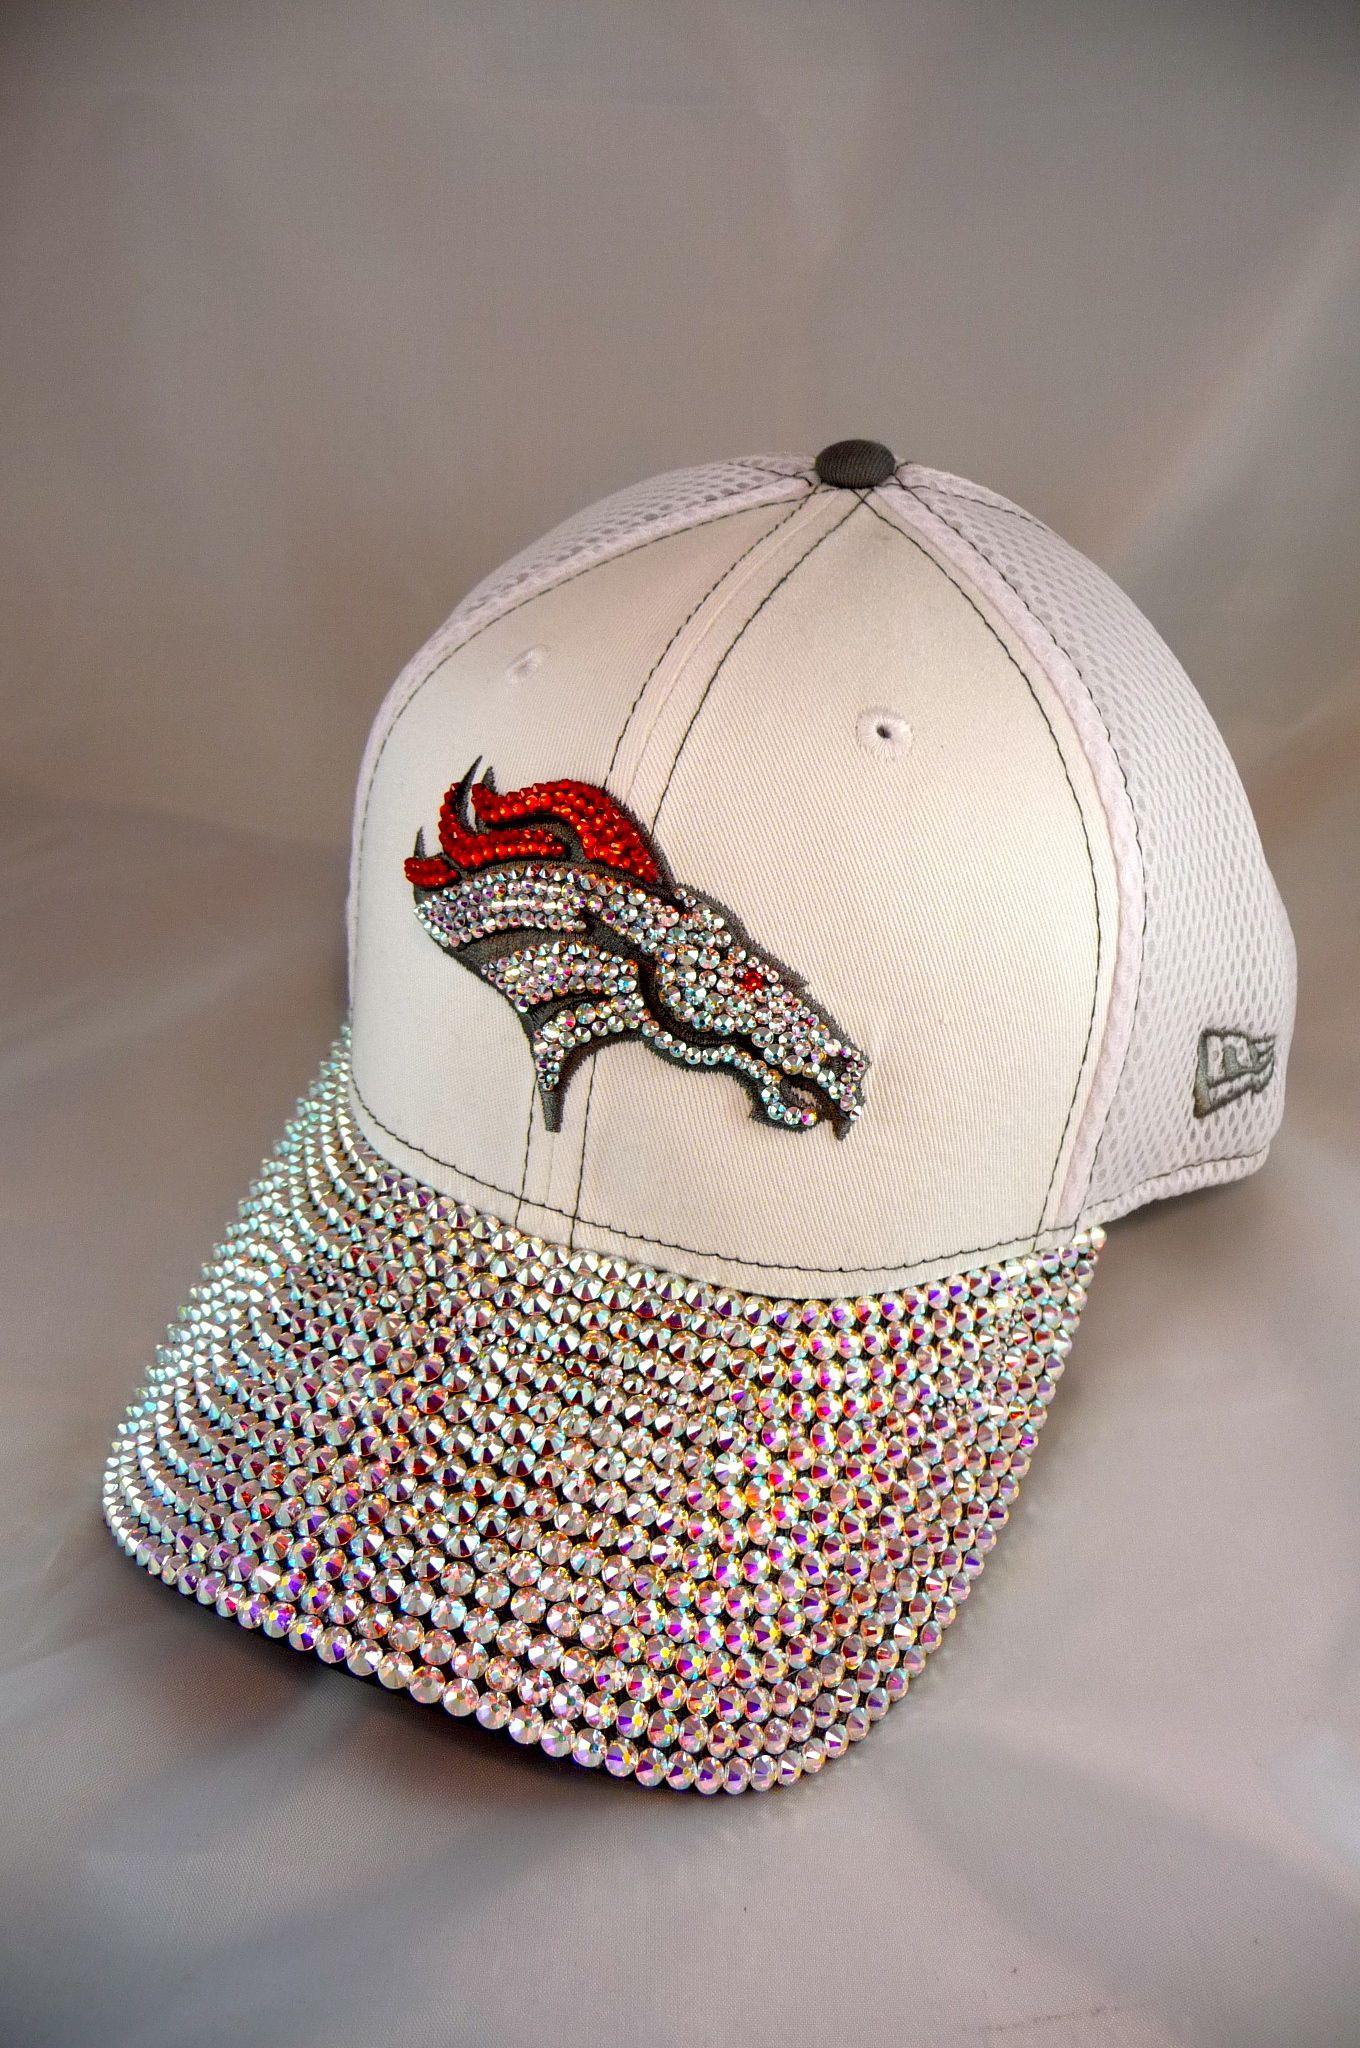 9a2e25de00 Denver Broncos Women s Bling Cap. Over 700 Swarovski Crystals!  www.customteambling.com